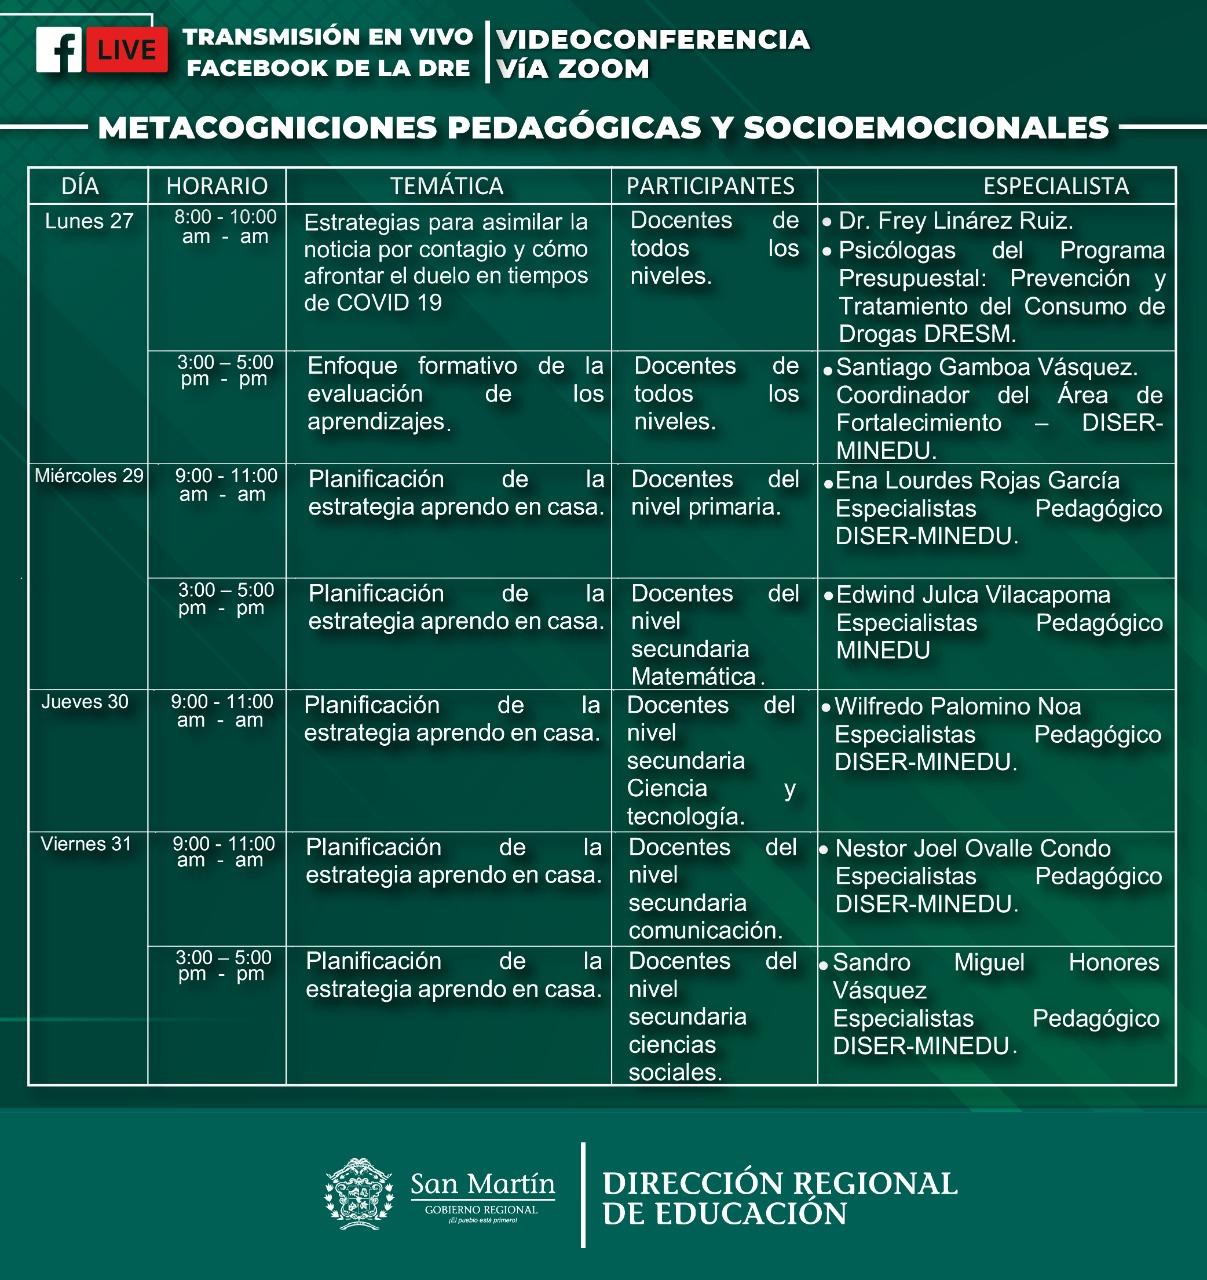 La Dirección Regional de Educación invita a la comunidad docente de San Martín a participar de un #CicloDeCapacitaciones  vía Zoom, del 27 al 31 de julio, sobre 'Metacogniciones Pedagógicas y Socioemocionales.